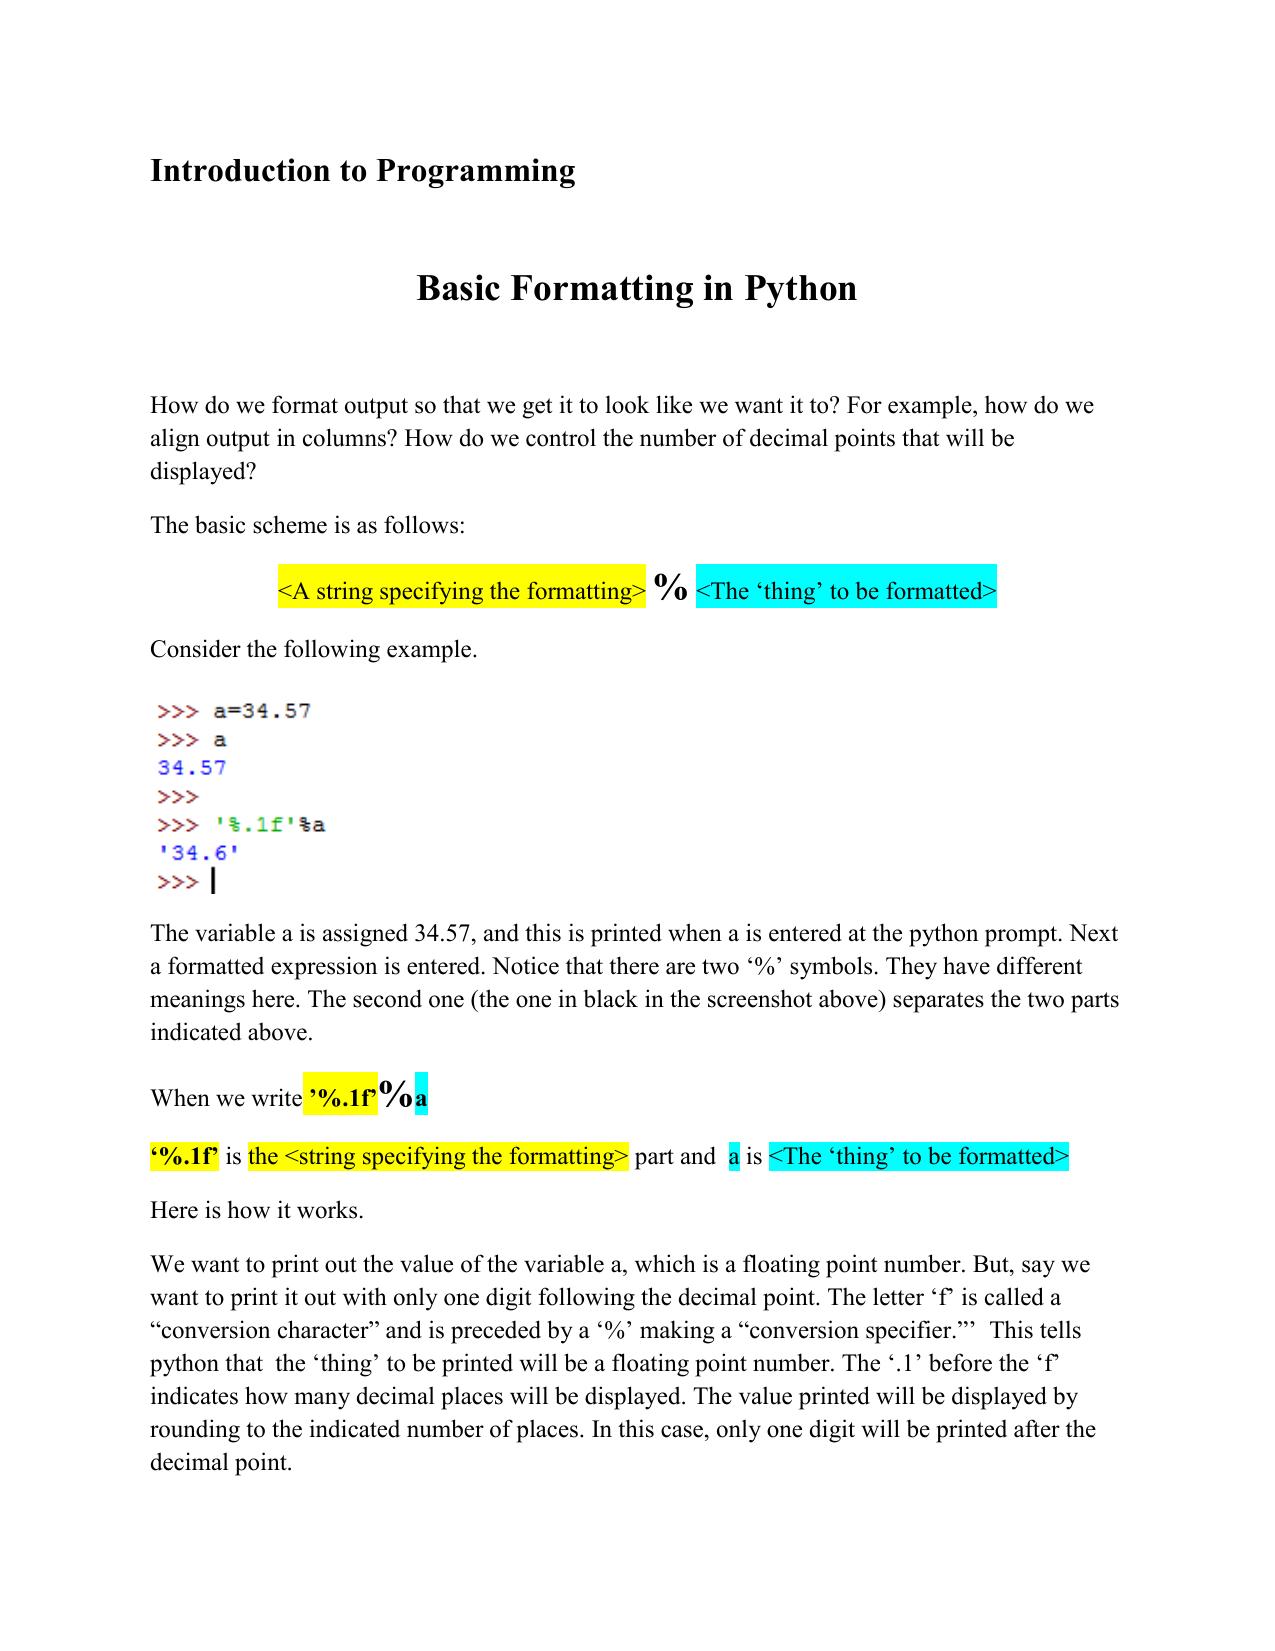 Basic Formatting in Python